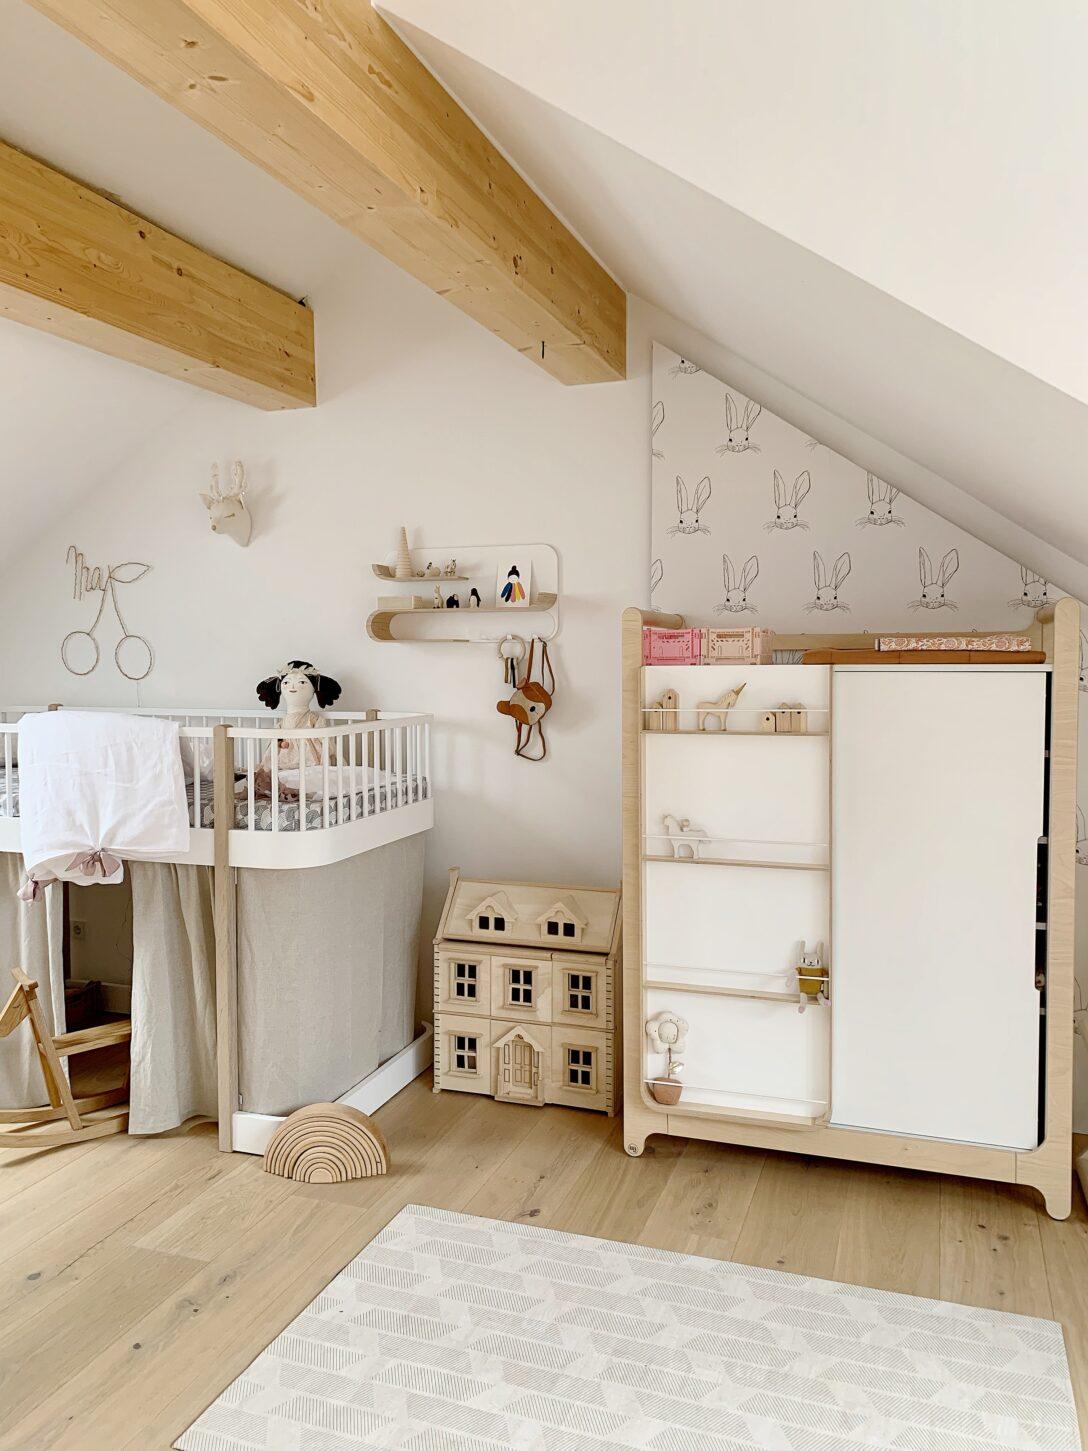 Large Size of Sprossenwand Kinderzimmer Regal Weiß Regale Sofa Kinderzimmer Sprossenwand Kinderzimmer